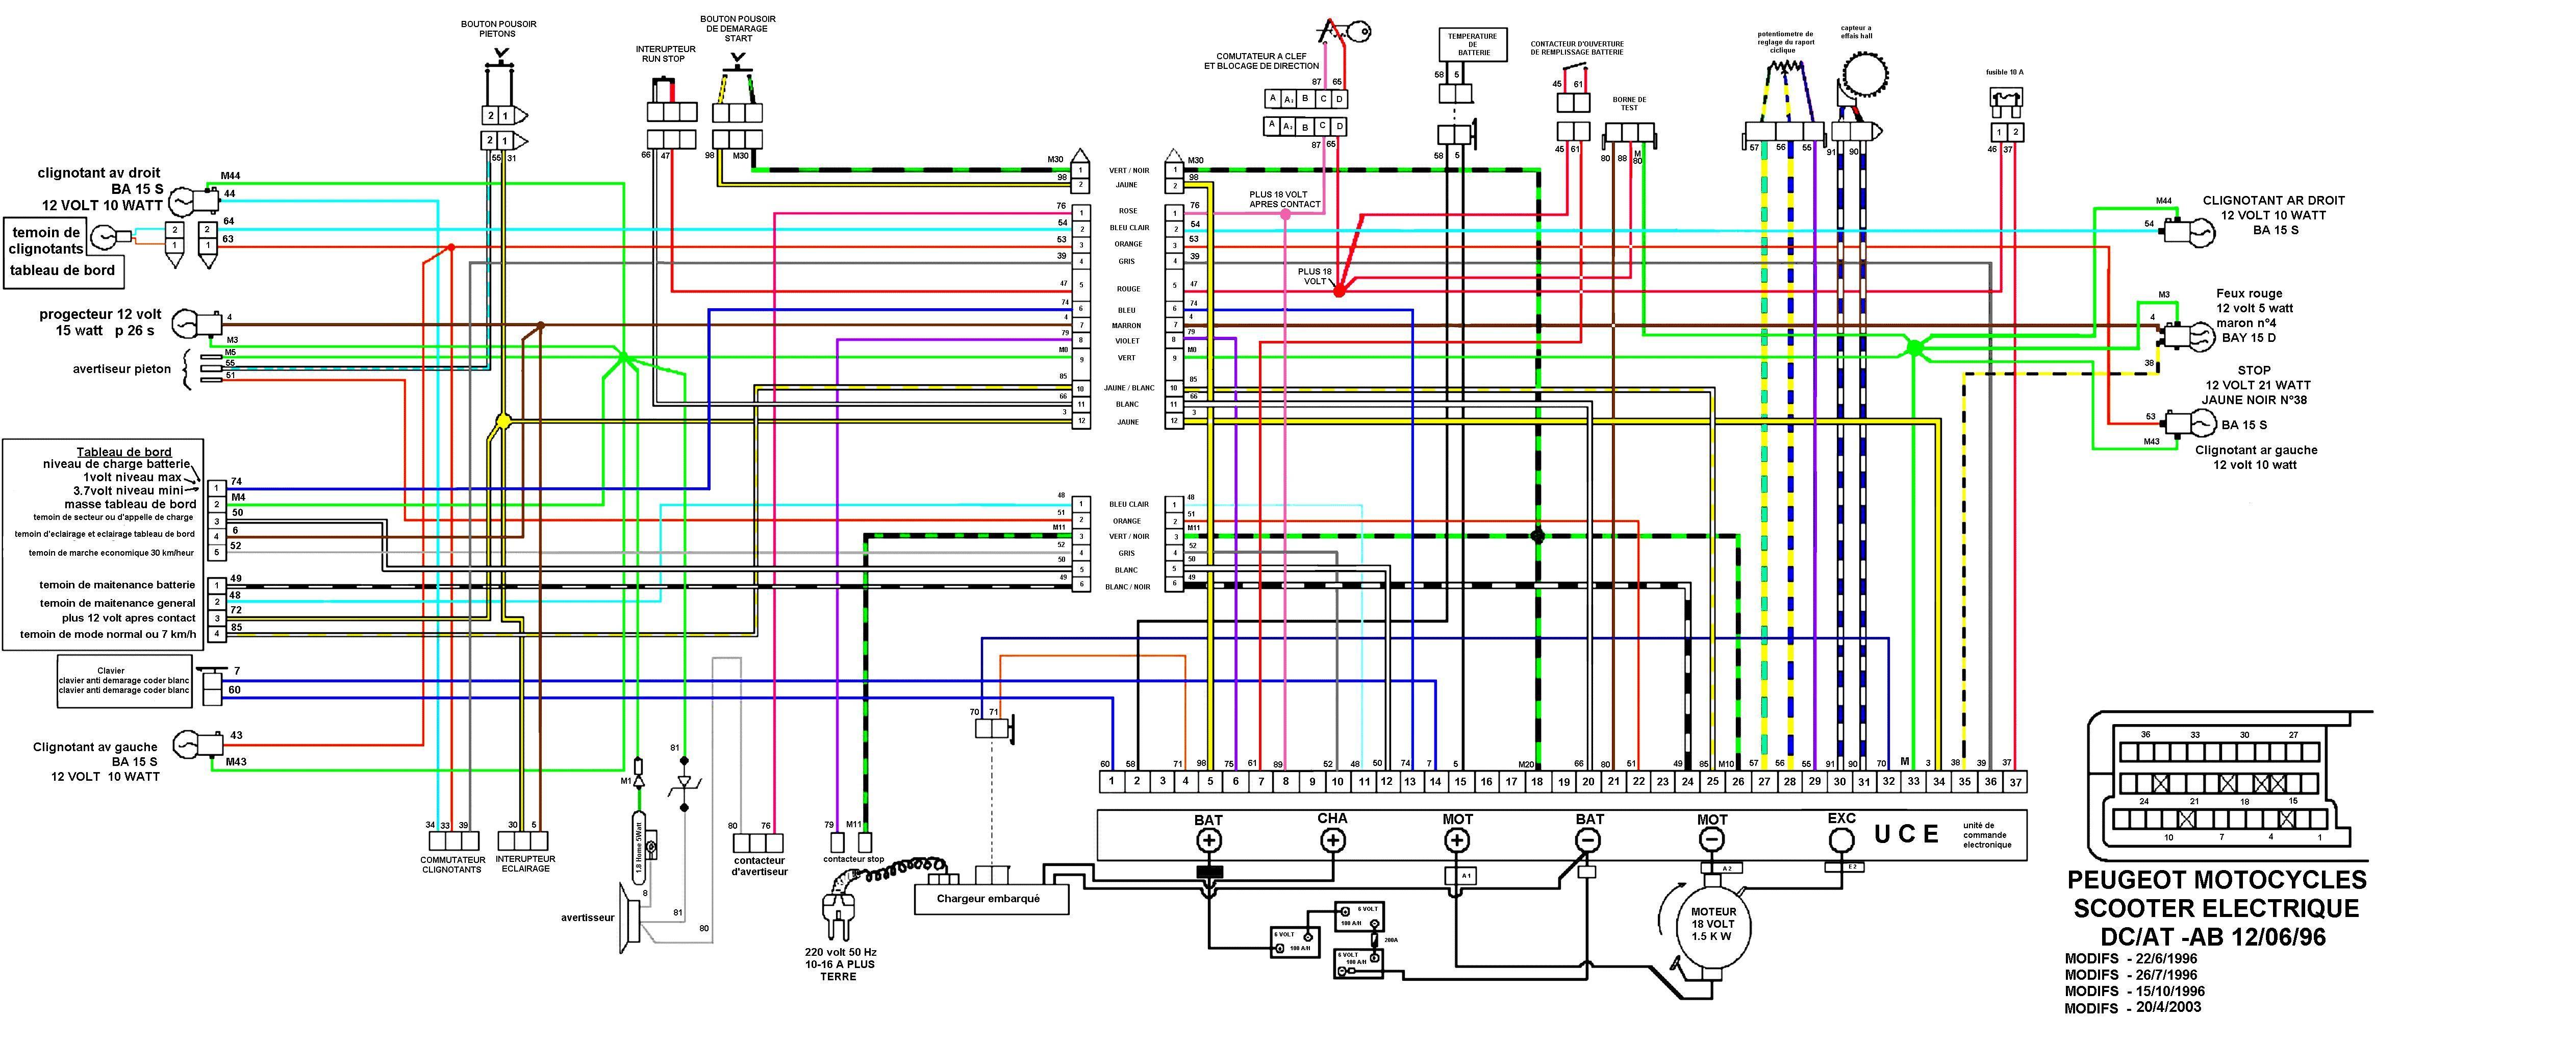 Exemple de schema electrique industriel